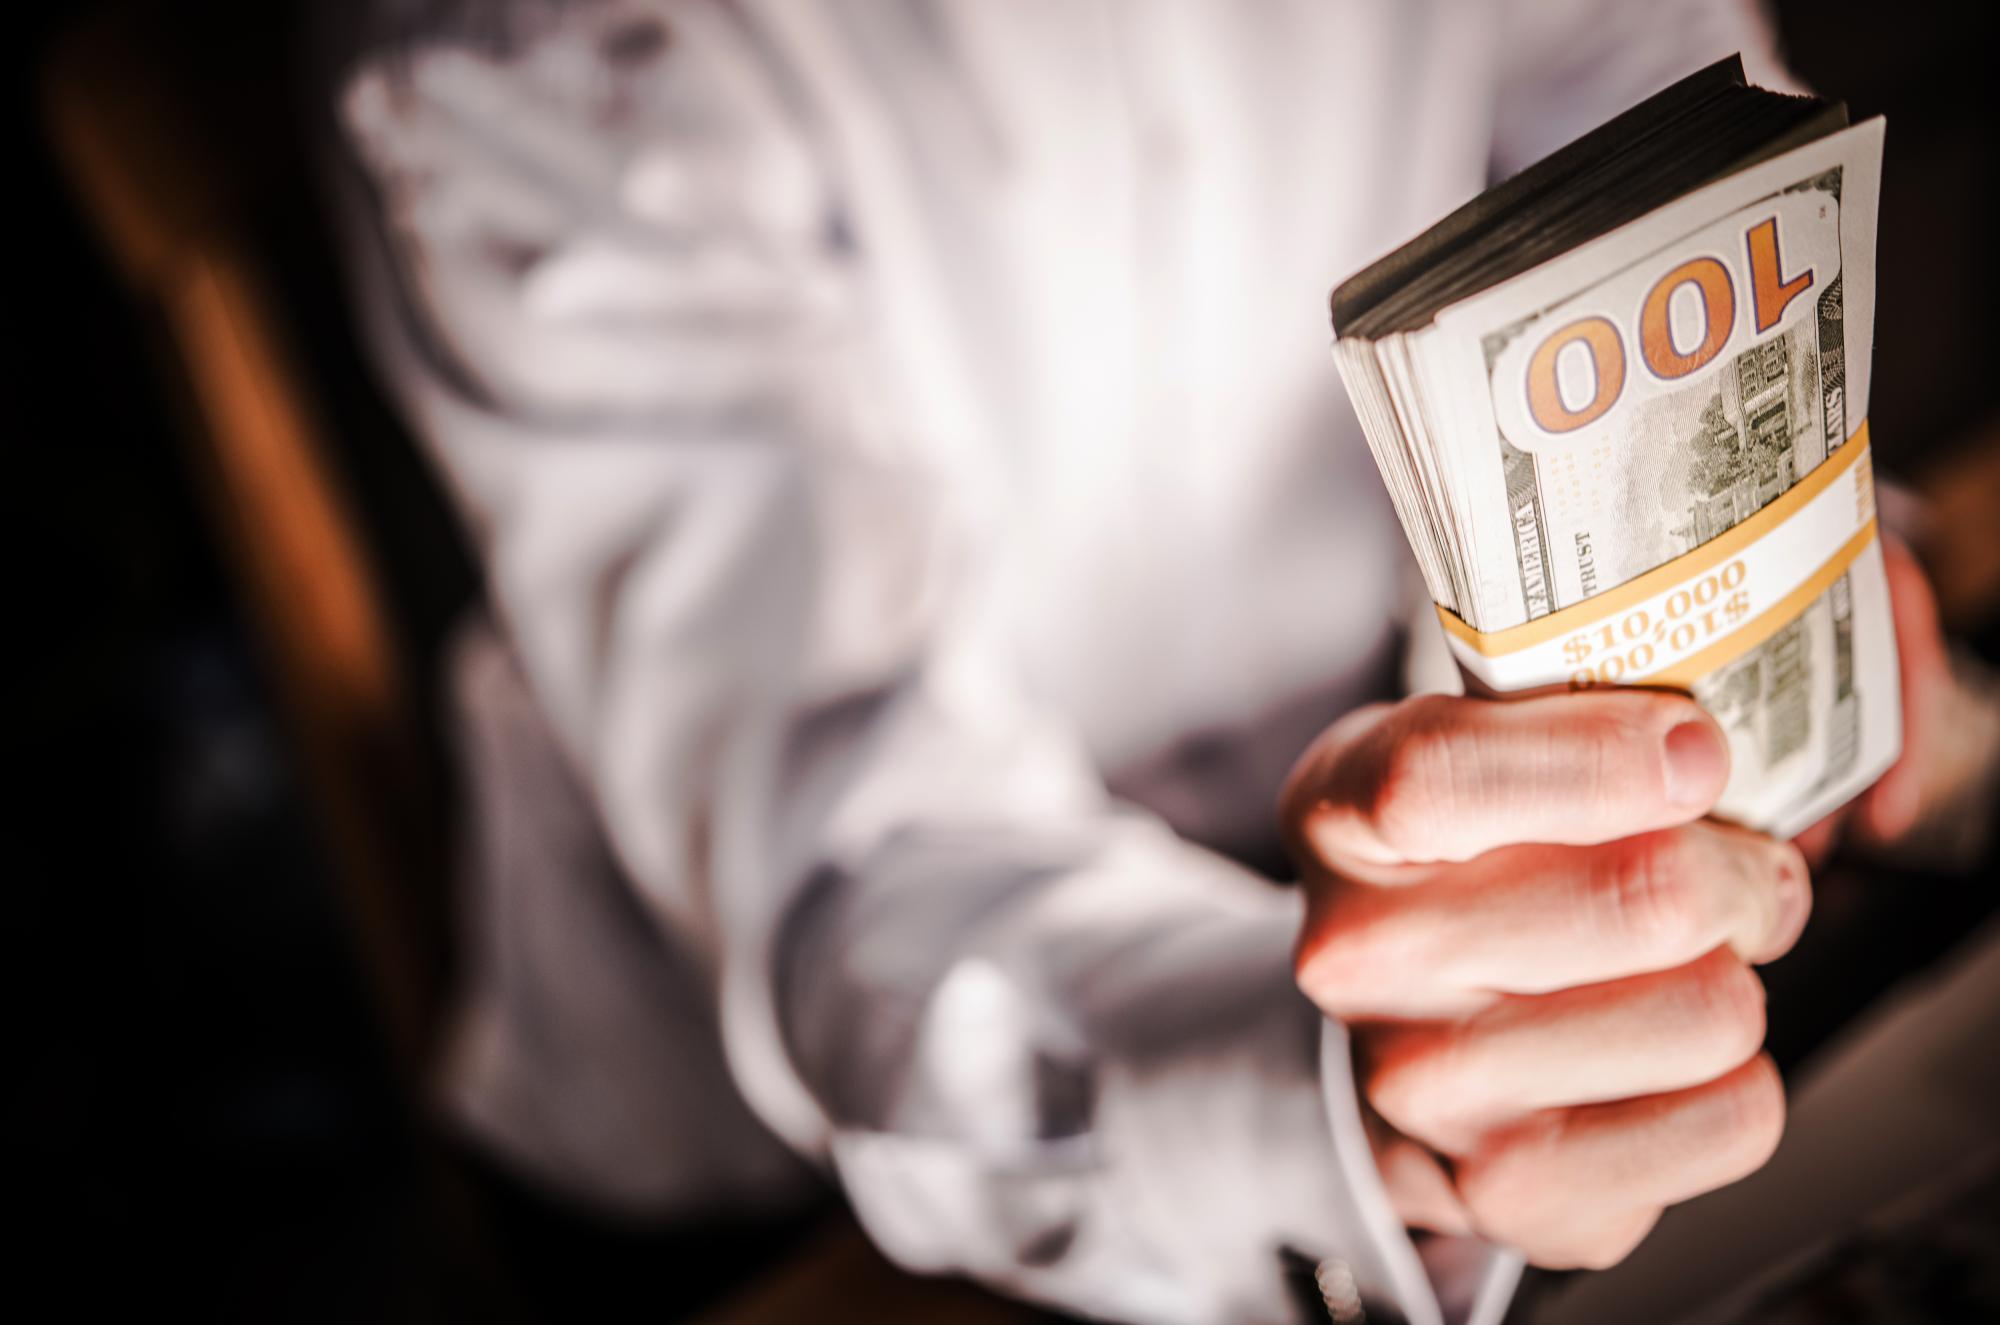 Минфин доработал законопроект об ограничении наличных расчетов